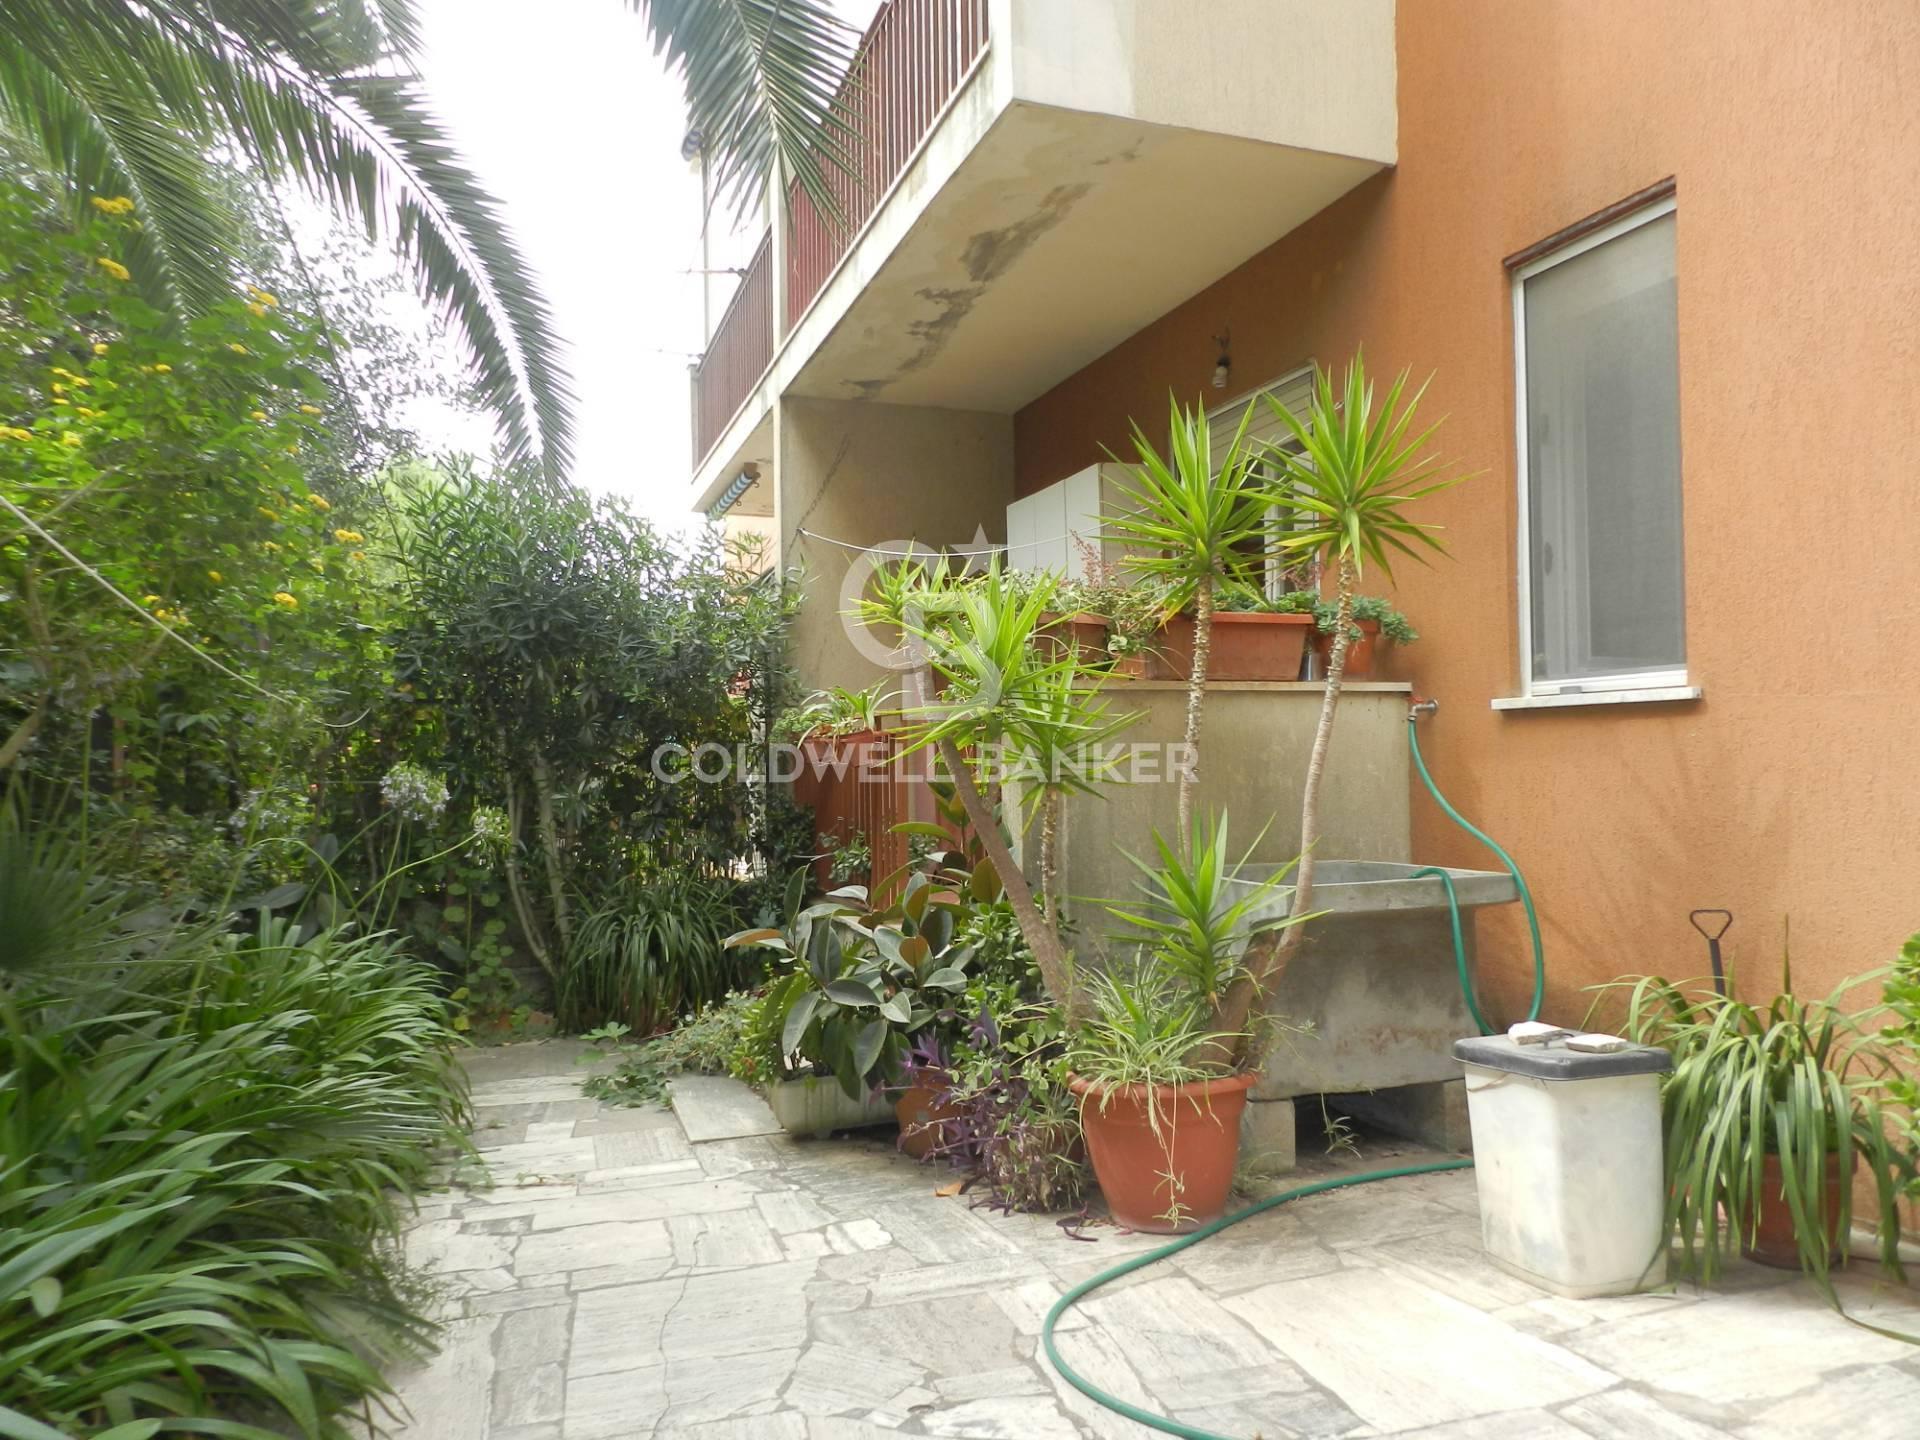 Appartamento in vendita a Santa Marinella, 3 locali, zona Località: Centro, prezzo € 165.000 | CambioCasa.it